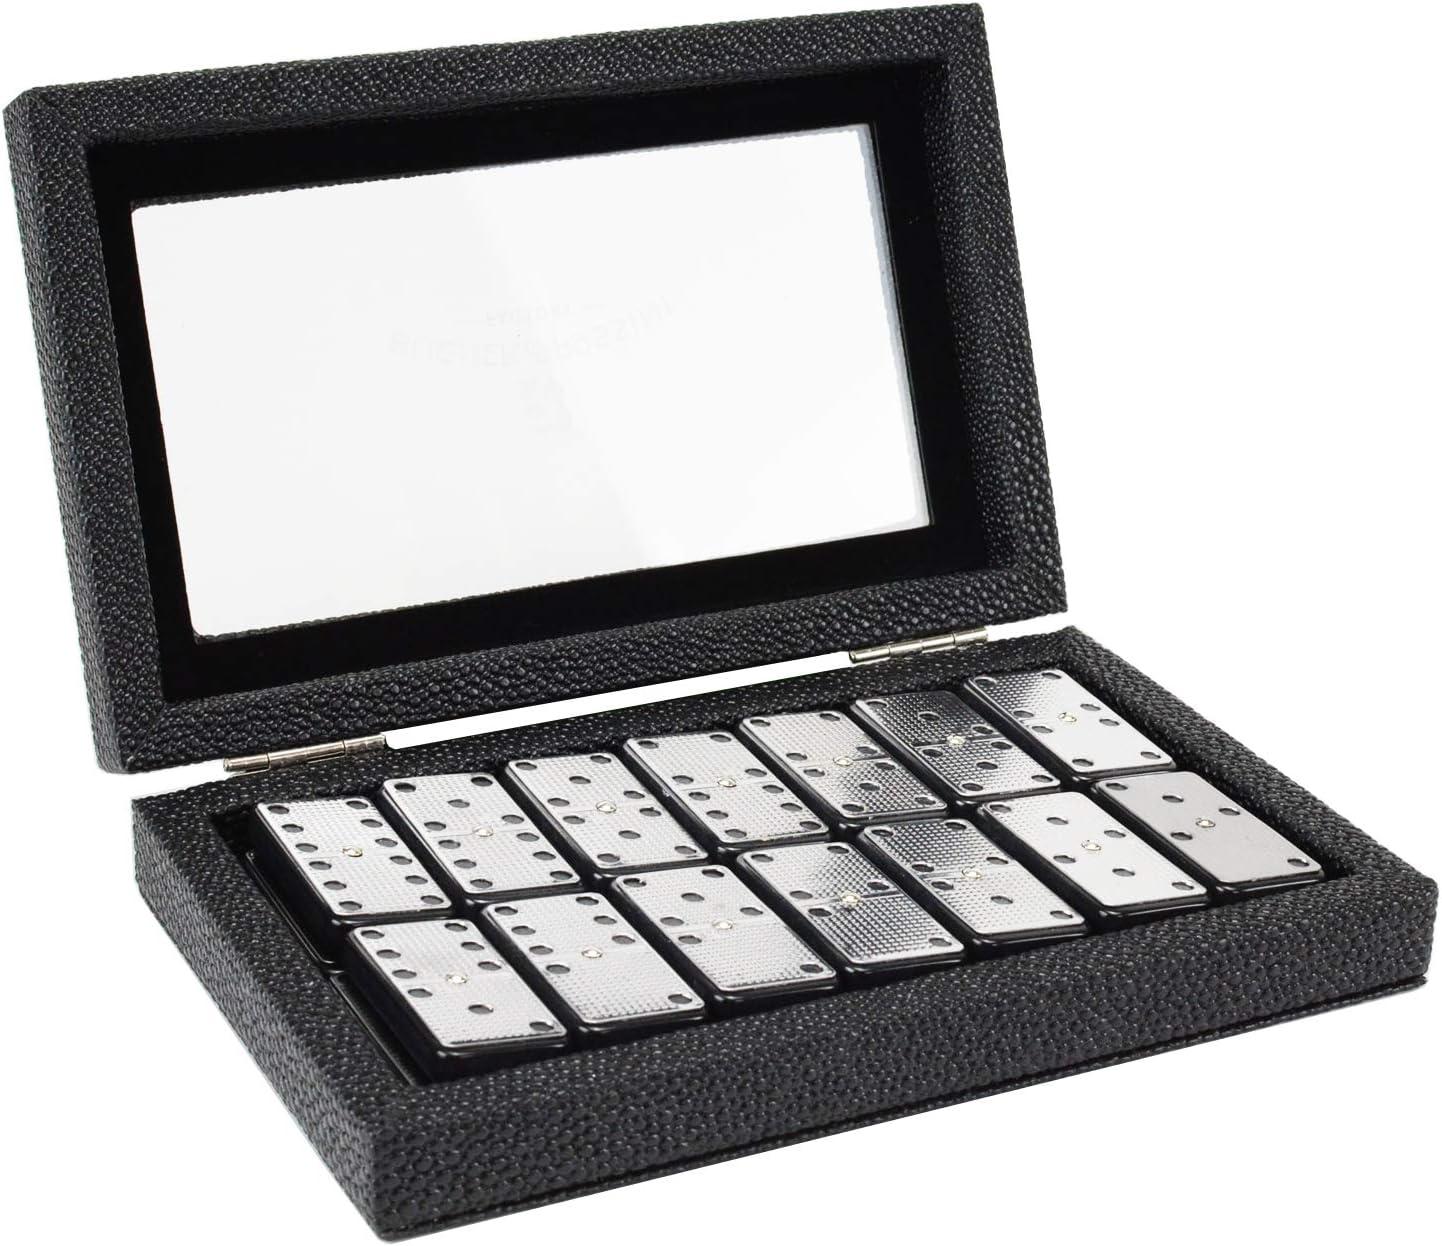 Metal Surface Dominoes Set Double 6 Premium Classic 28 Brand Max 46% OFF Cheap Sale Venue - Pieces